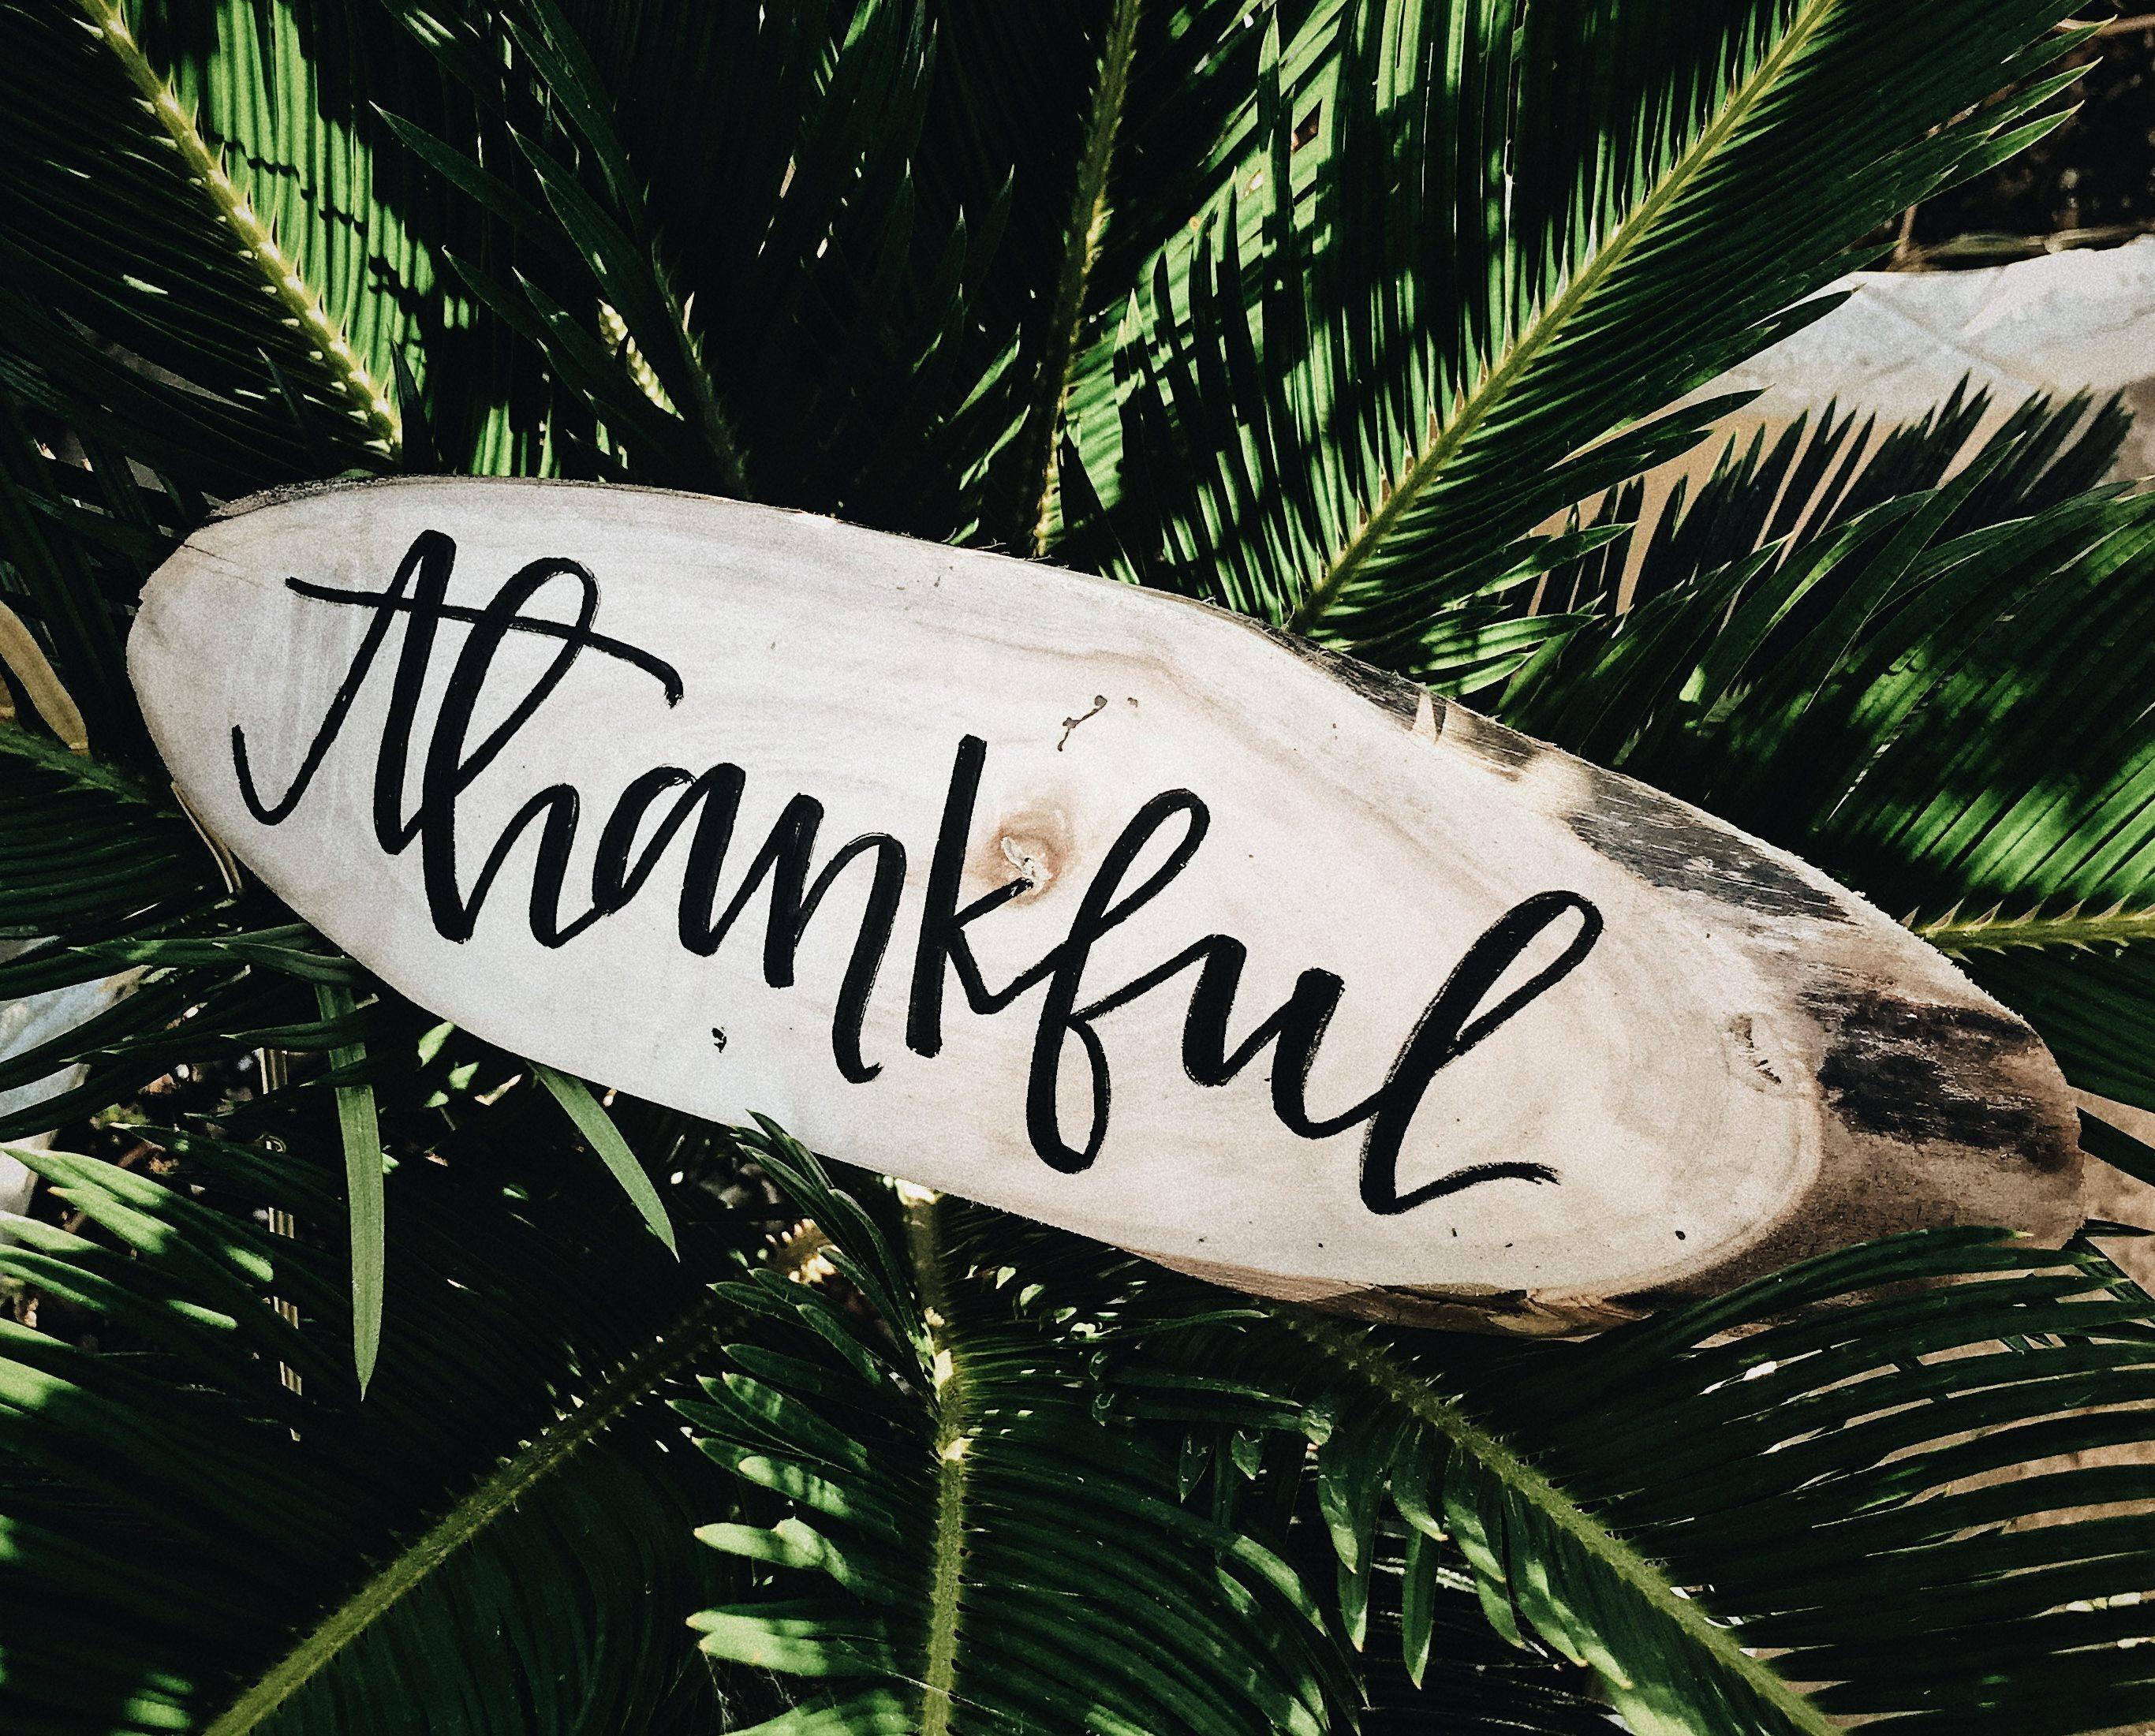 Stop met dat dankbaarheid gedoe